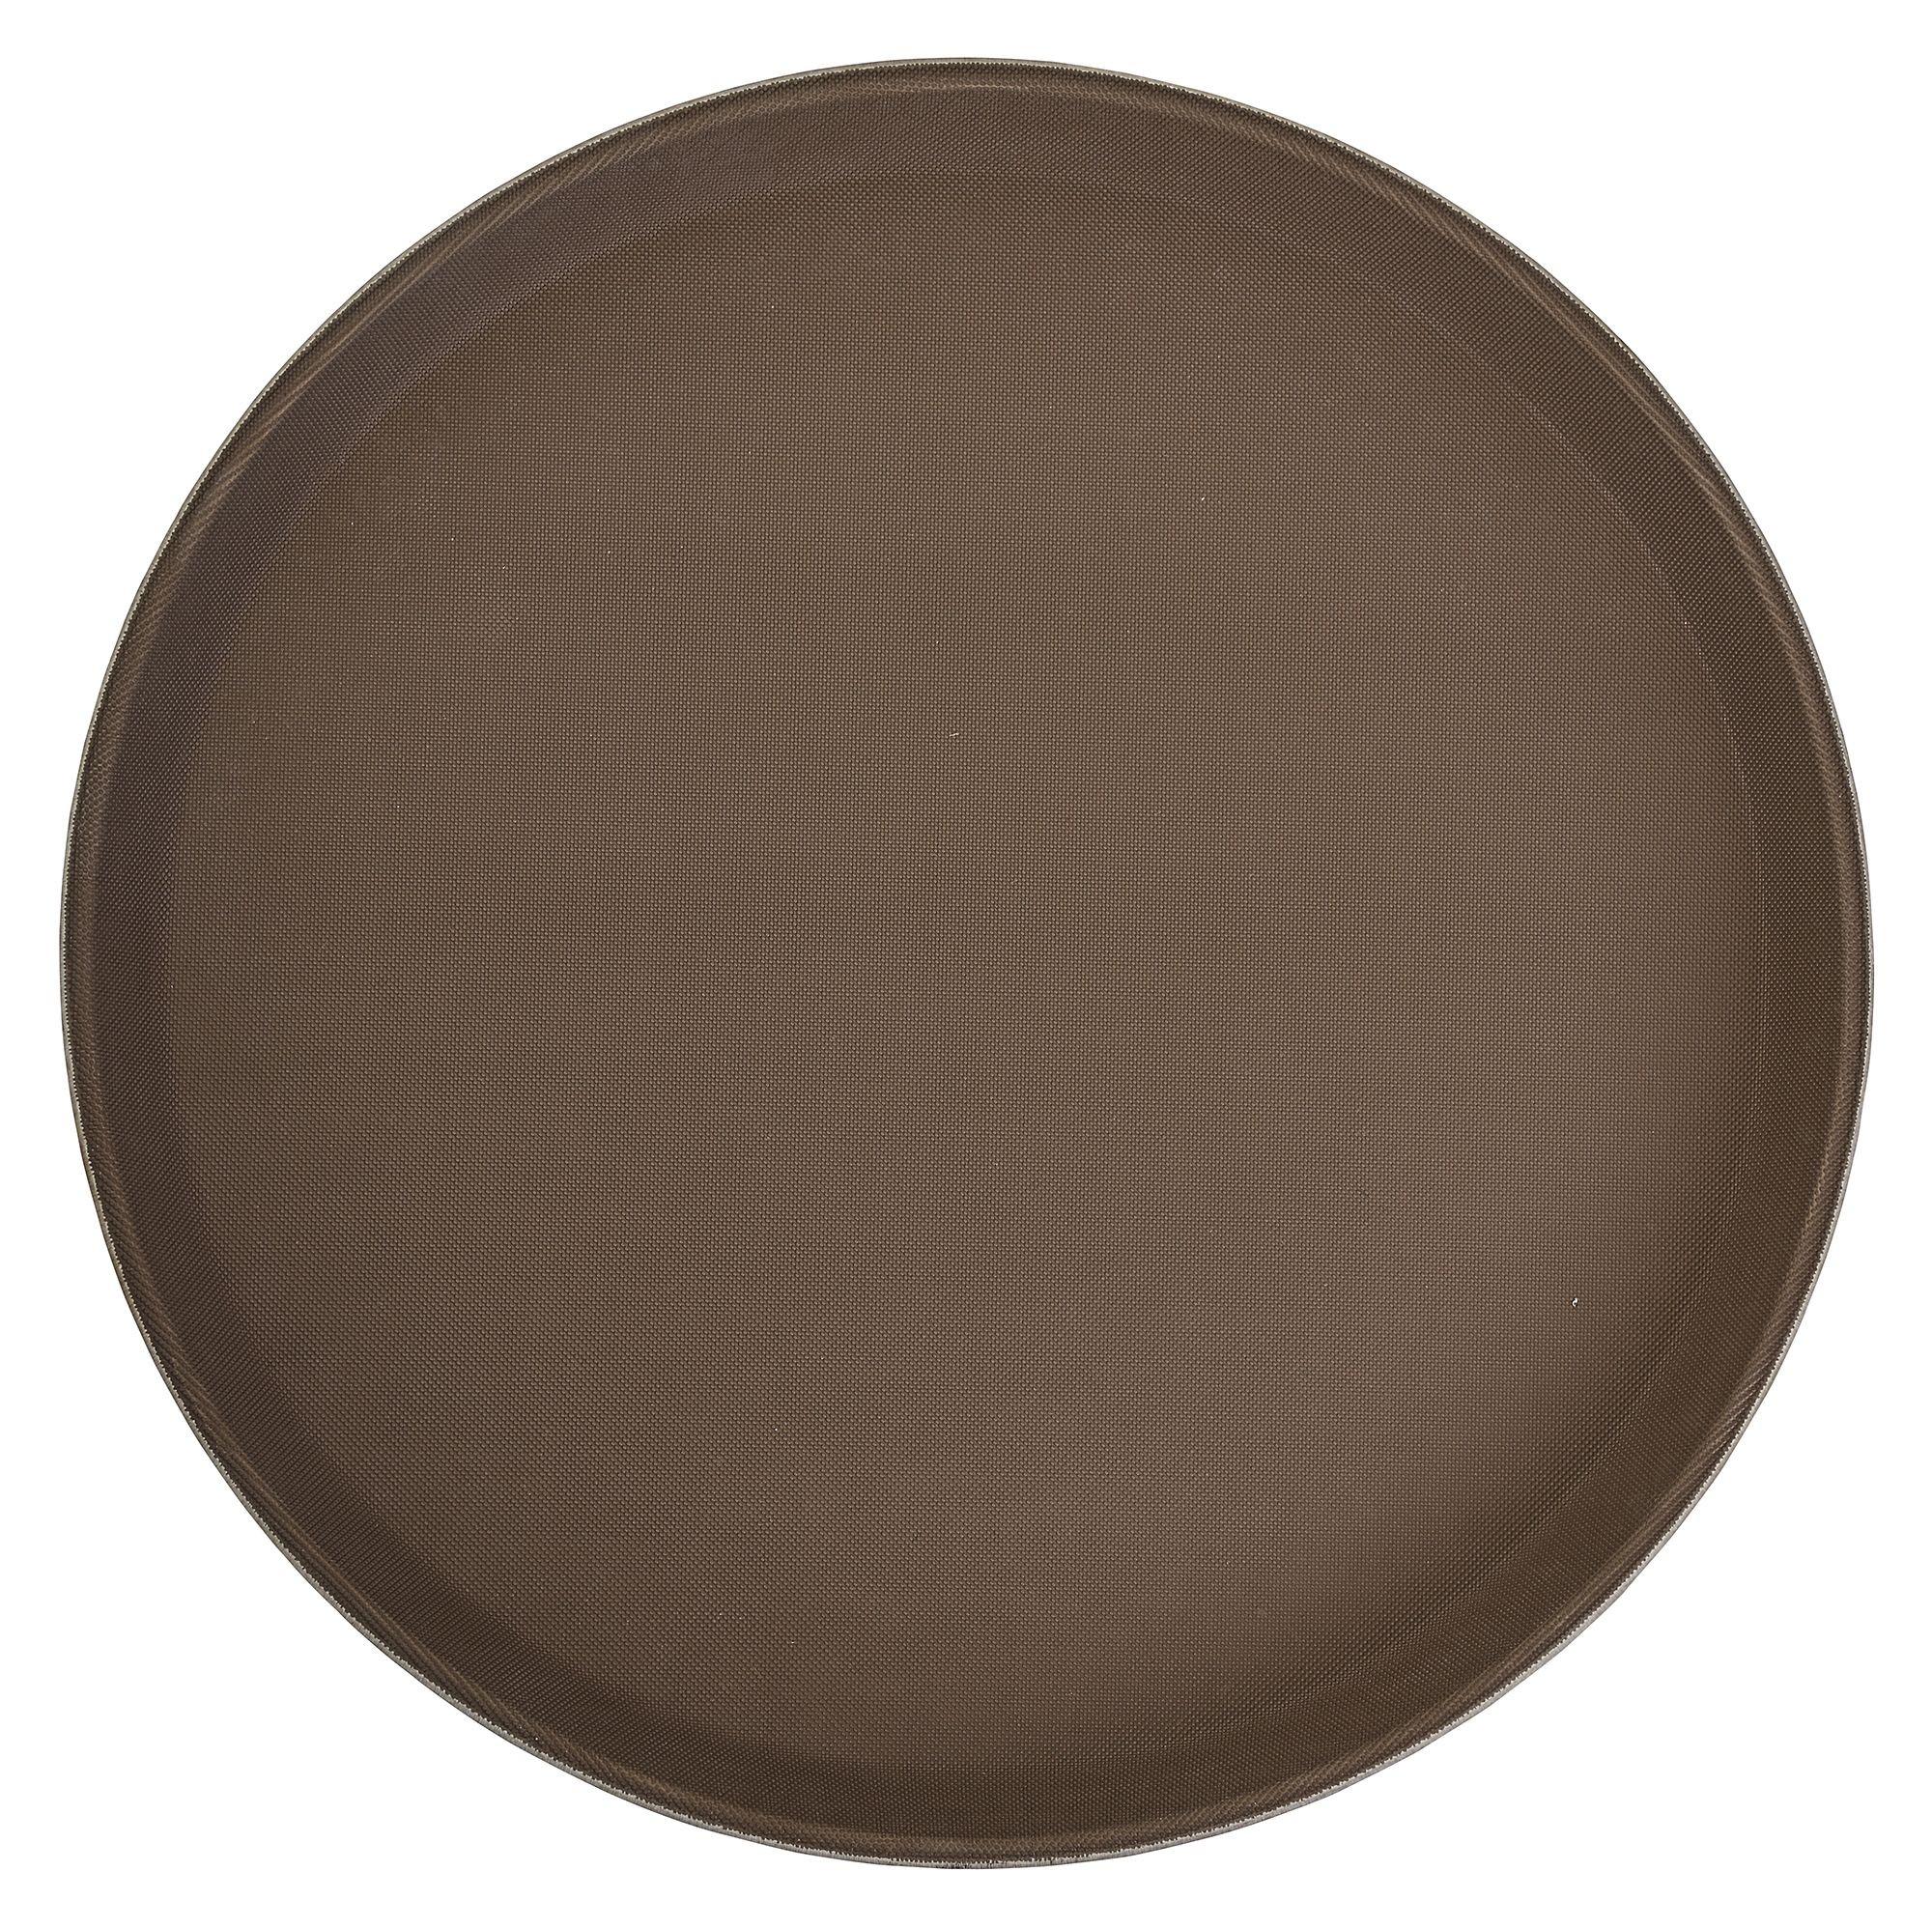 Non-Slip Fiberglass Tray, Brown, 16'' Round